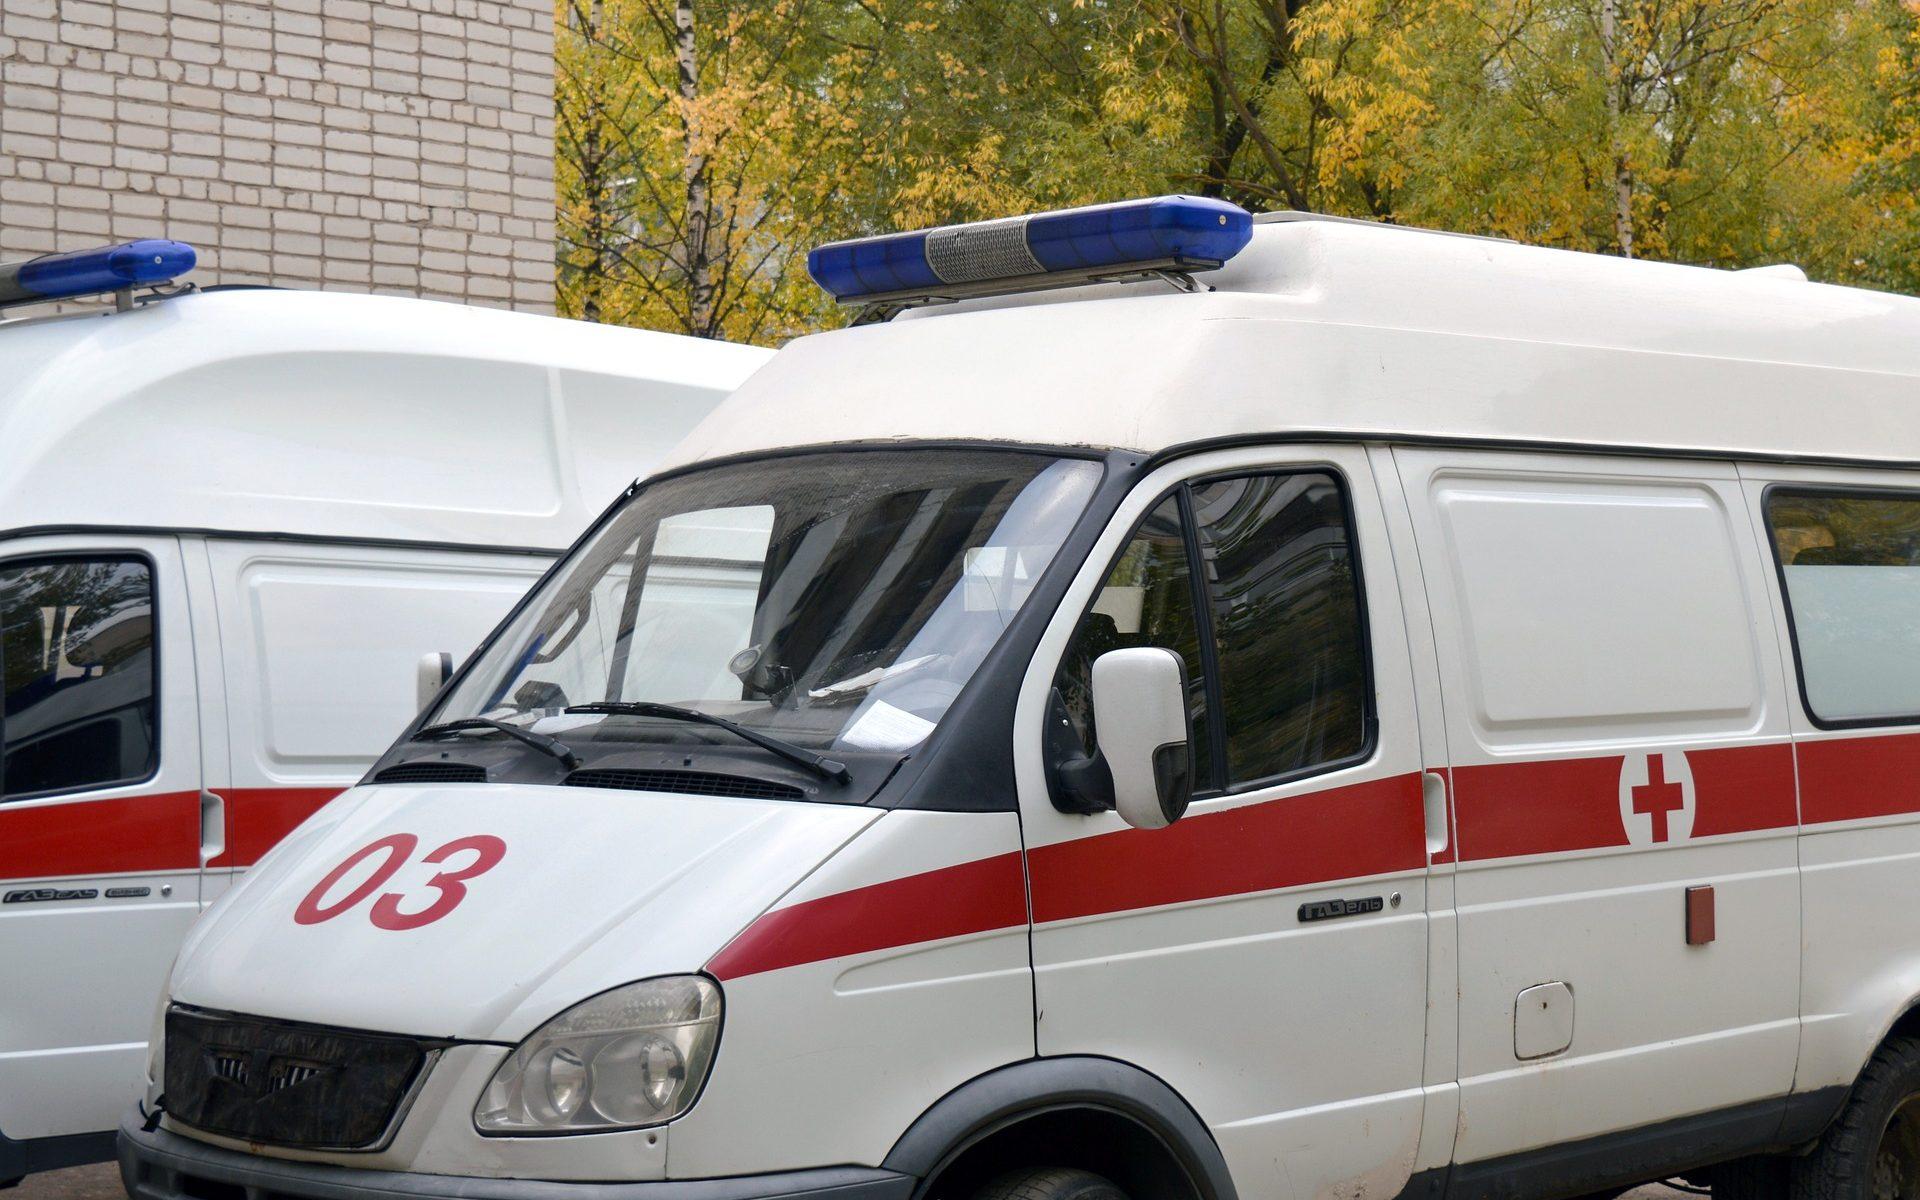 premiers secours permis de conduire